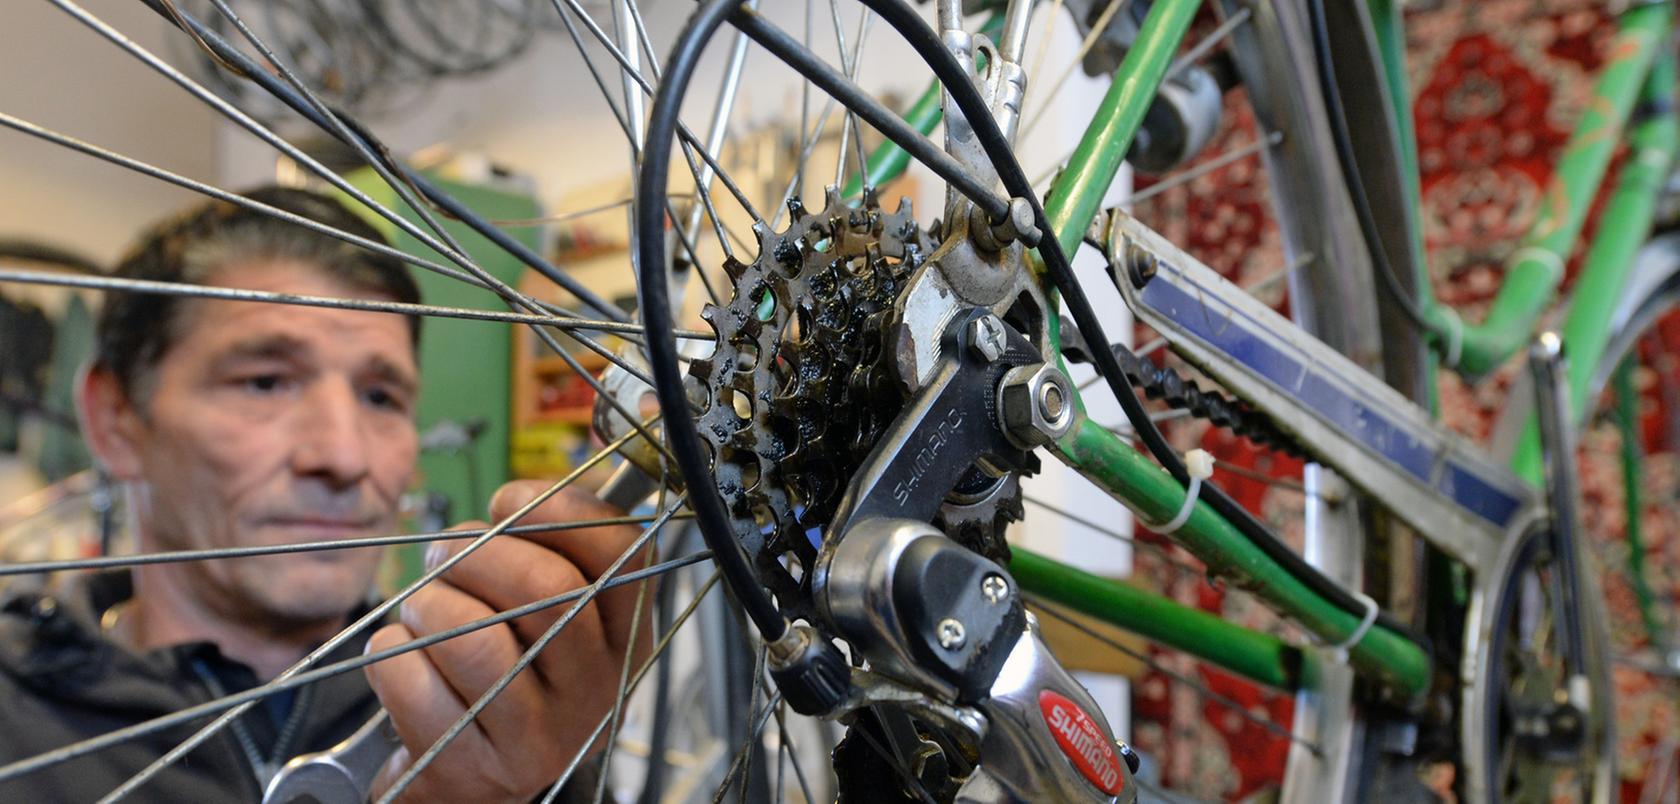 Ziel des Workshops ist es, alle möglichen Barrieren für Radler und den Fahrradverkehr mit kreativen Lösungen zu überwinden.